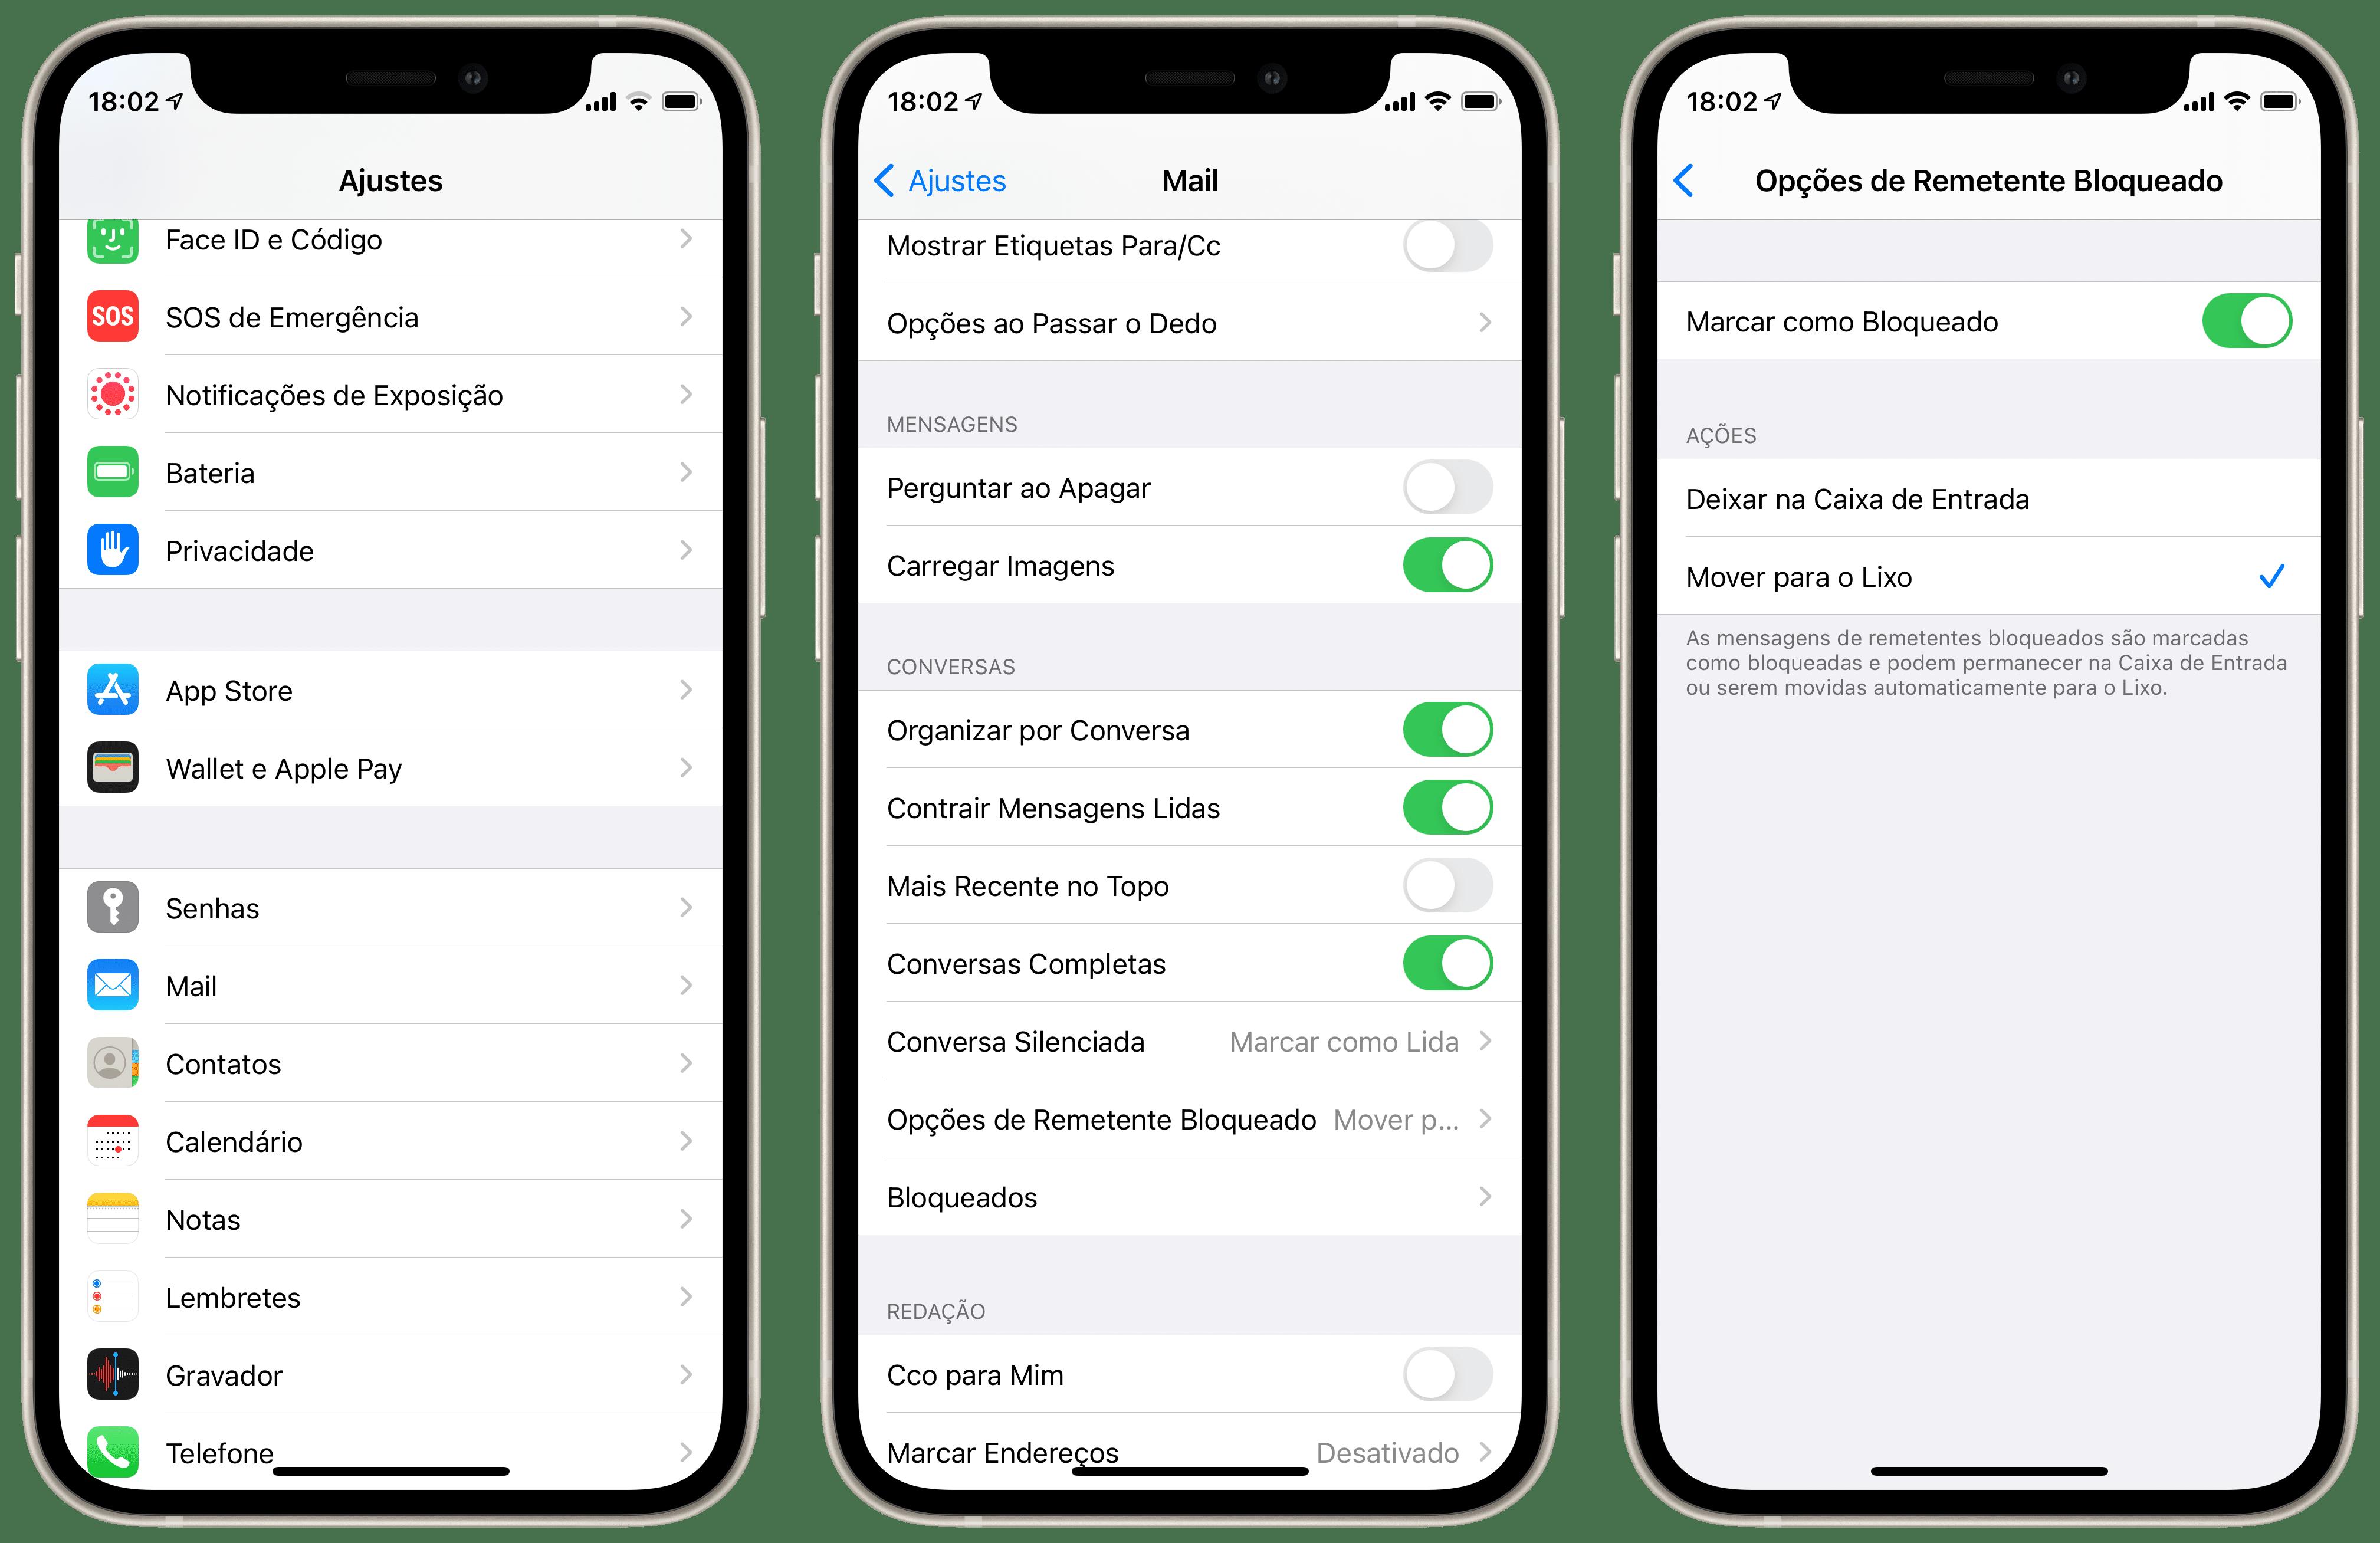 Movendo emails de contatos bloqueados automaticamente para a lixeira do Mail